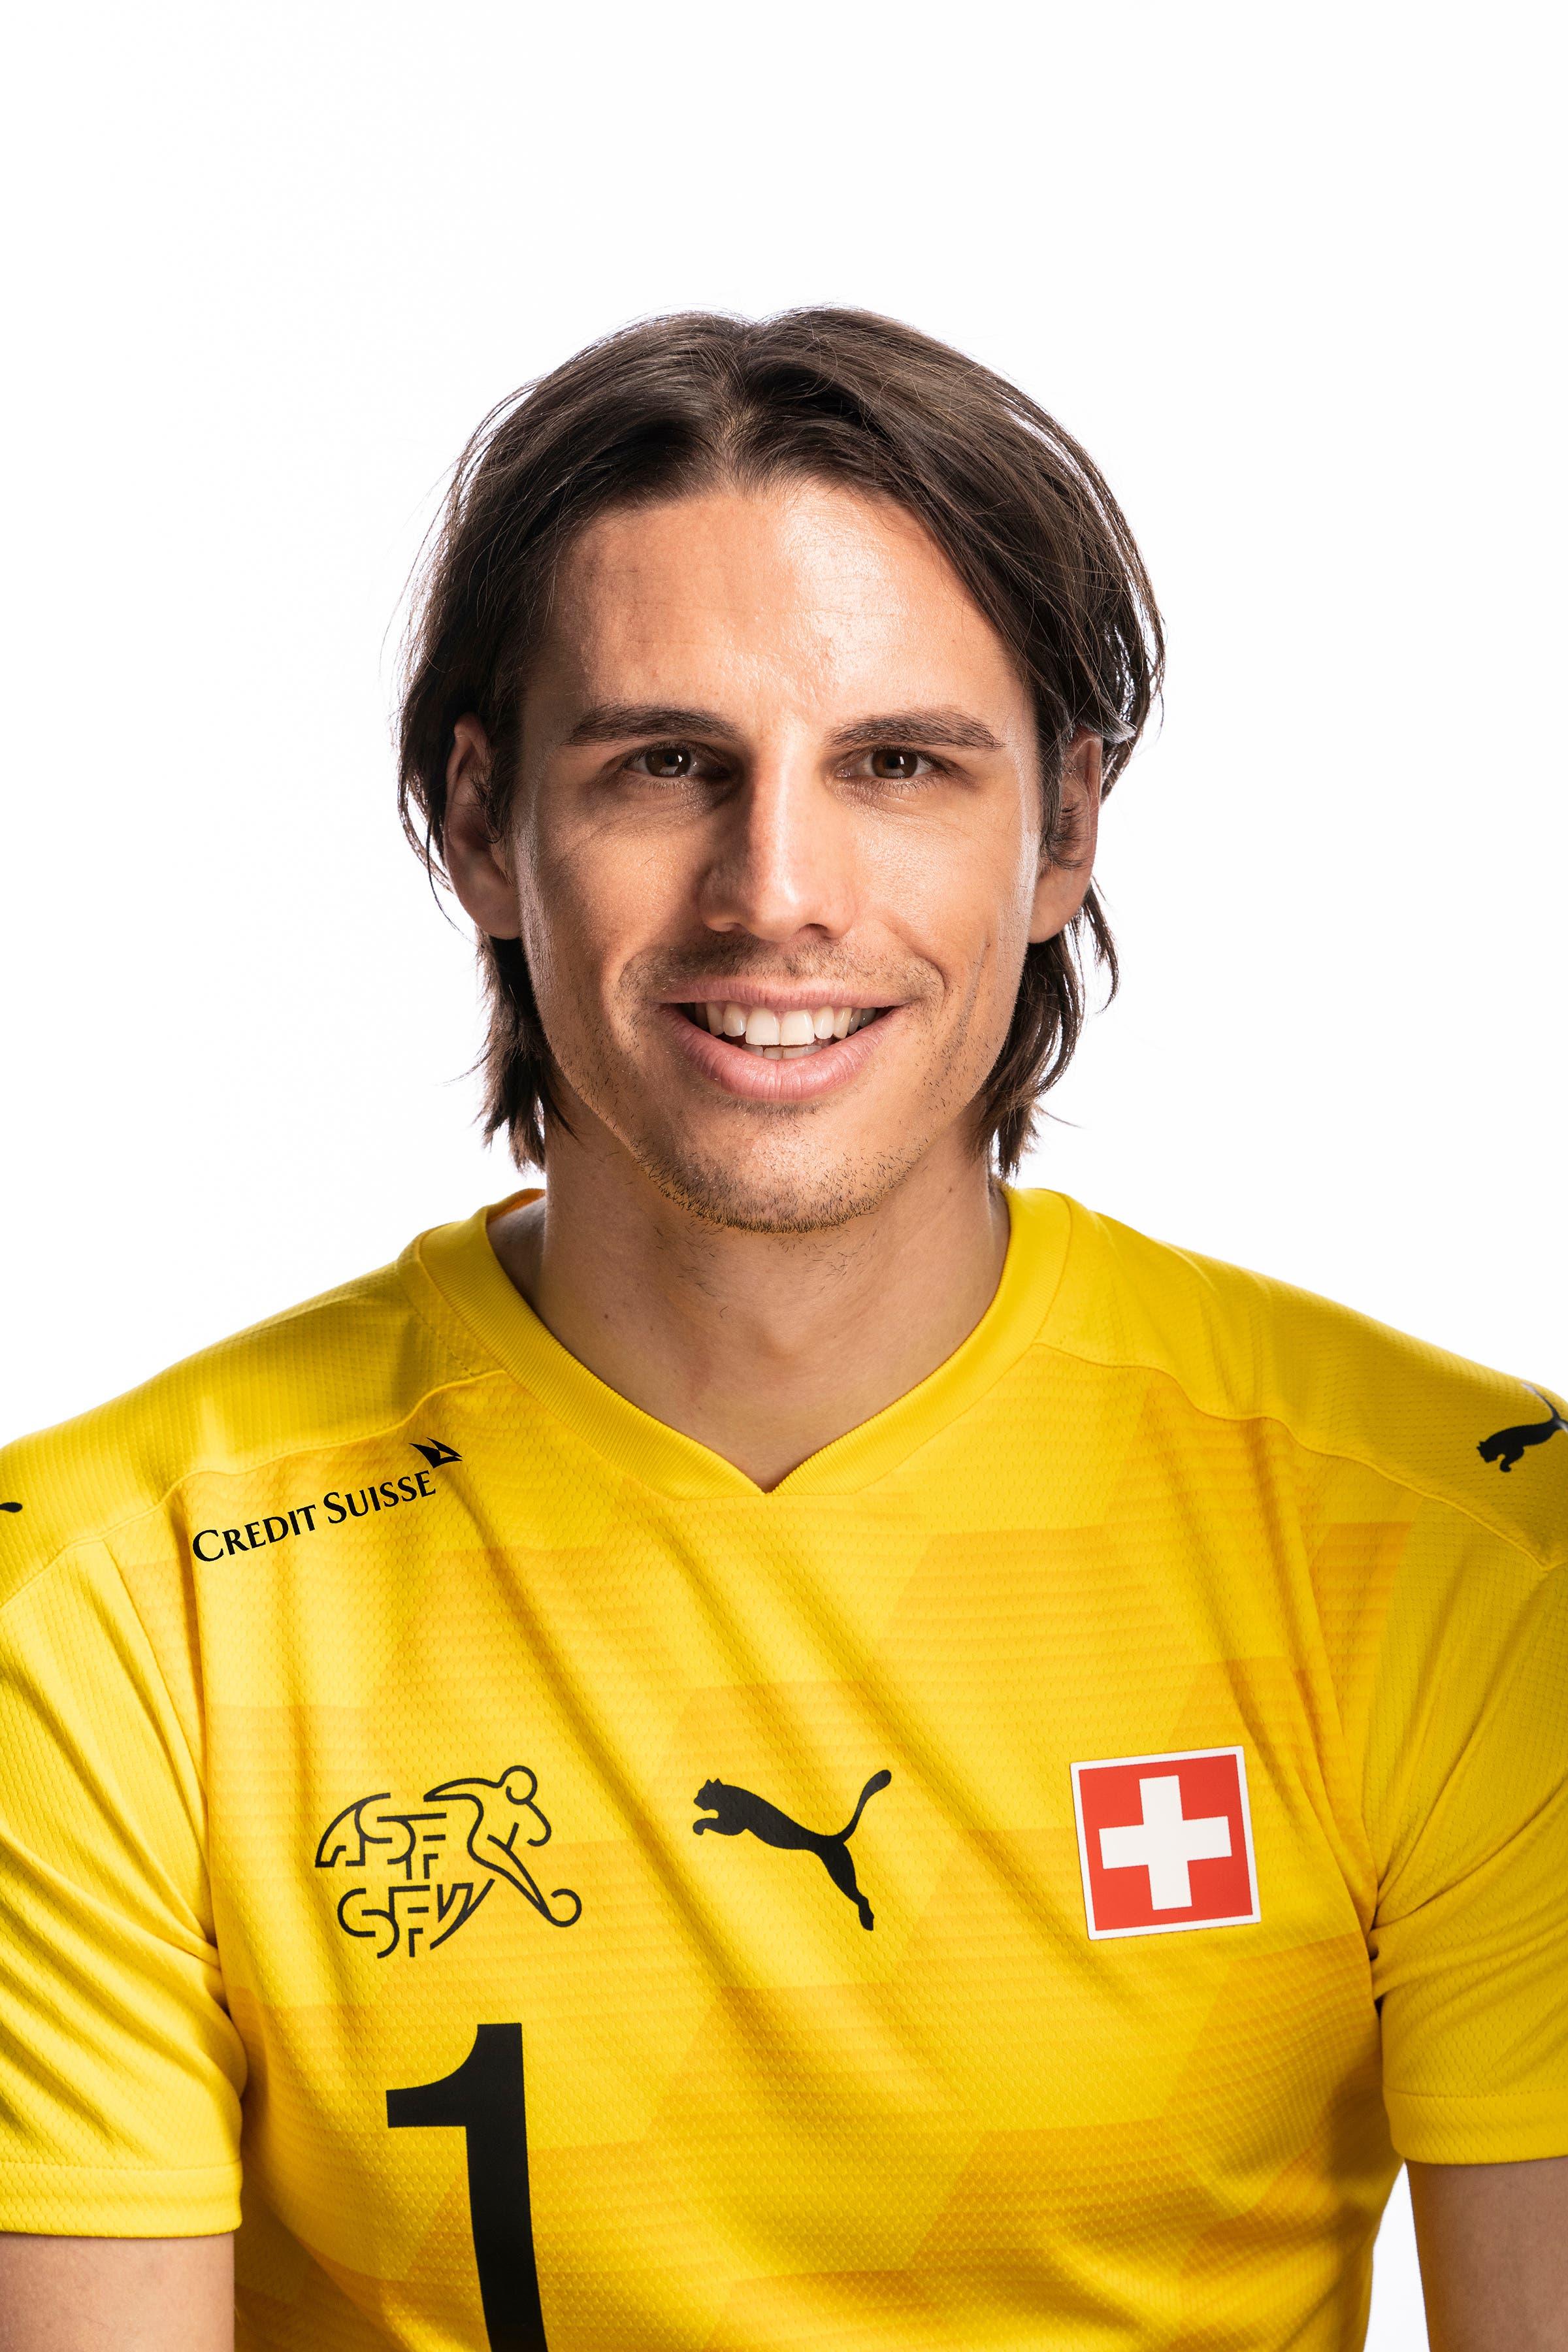 Yann Sommer, Borussia Mönchengladbach: 39 Einsätze, 3433 Spielminuten, 63 Gegentore - Note 4.